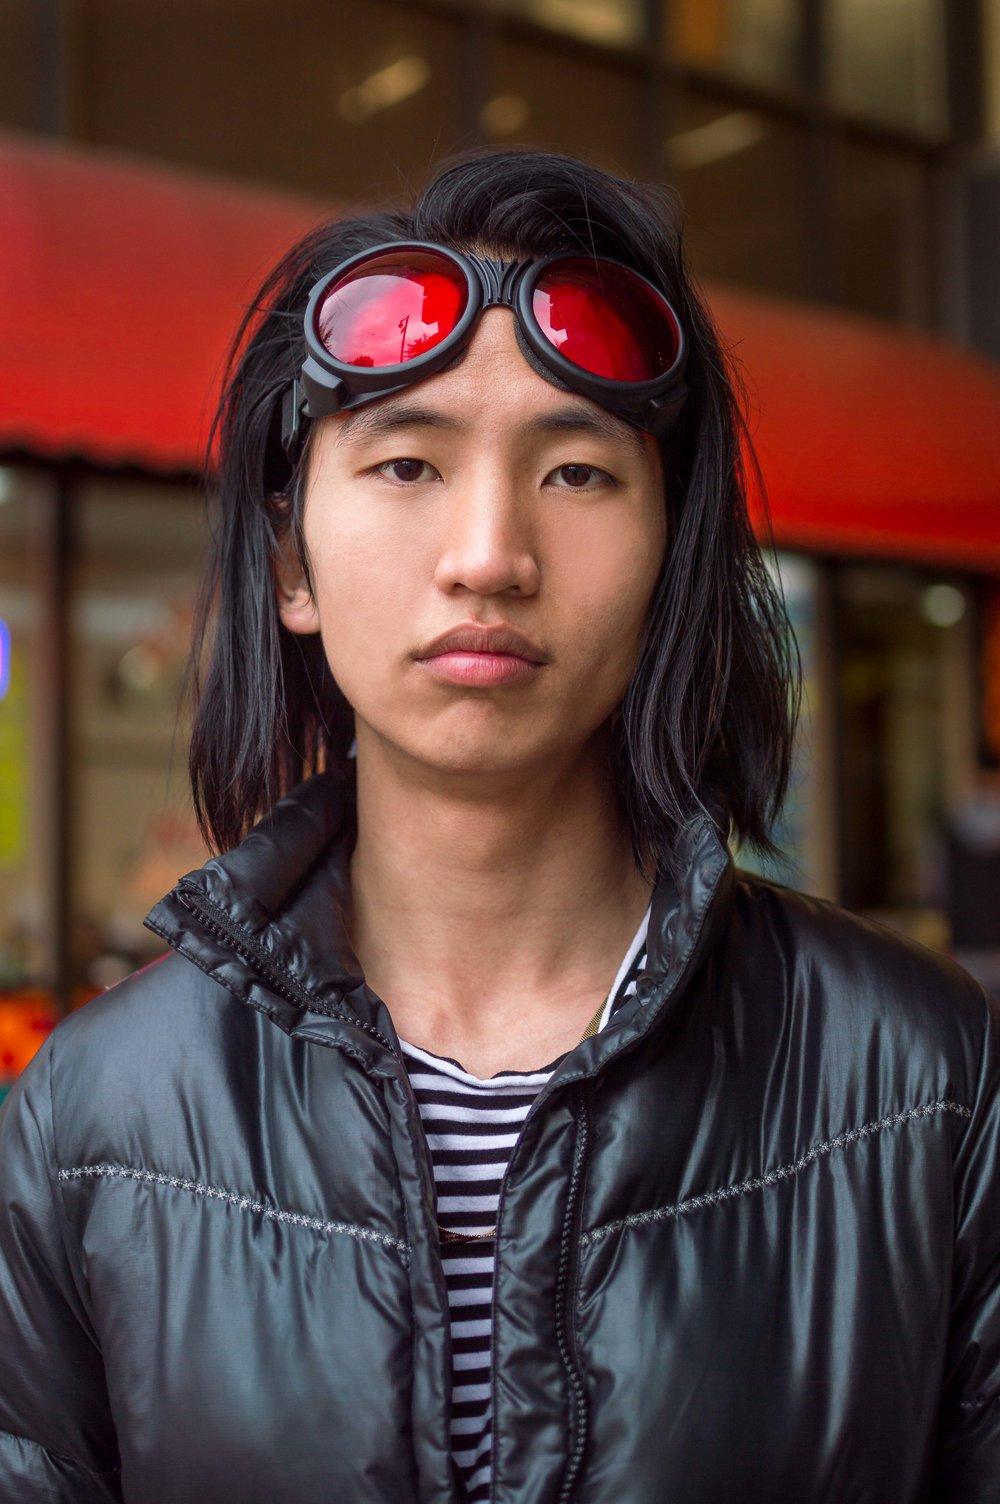 2019 01.05 YunJ Chinatown (47 of 48).jpg